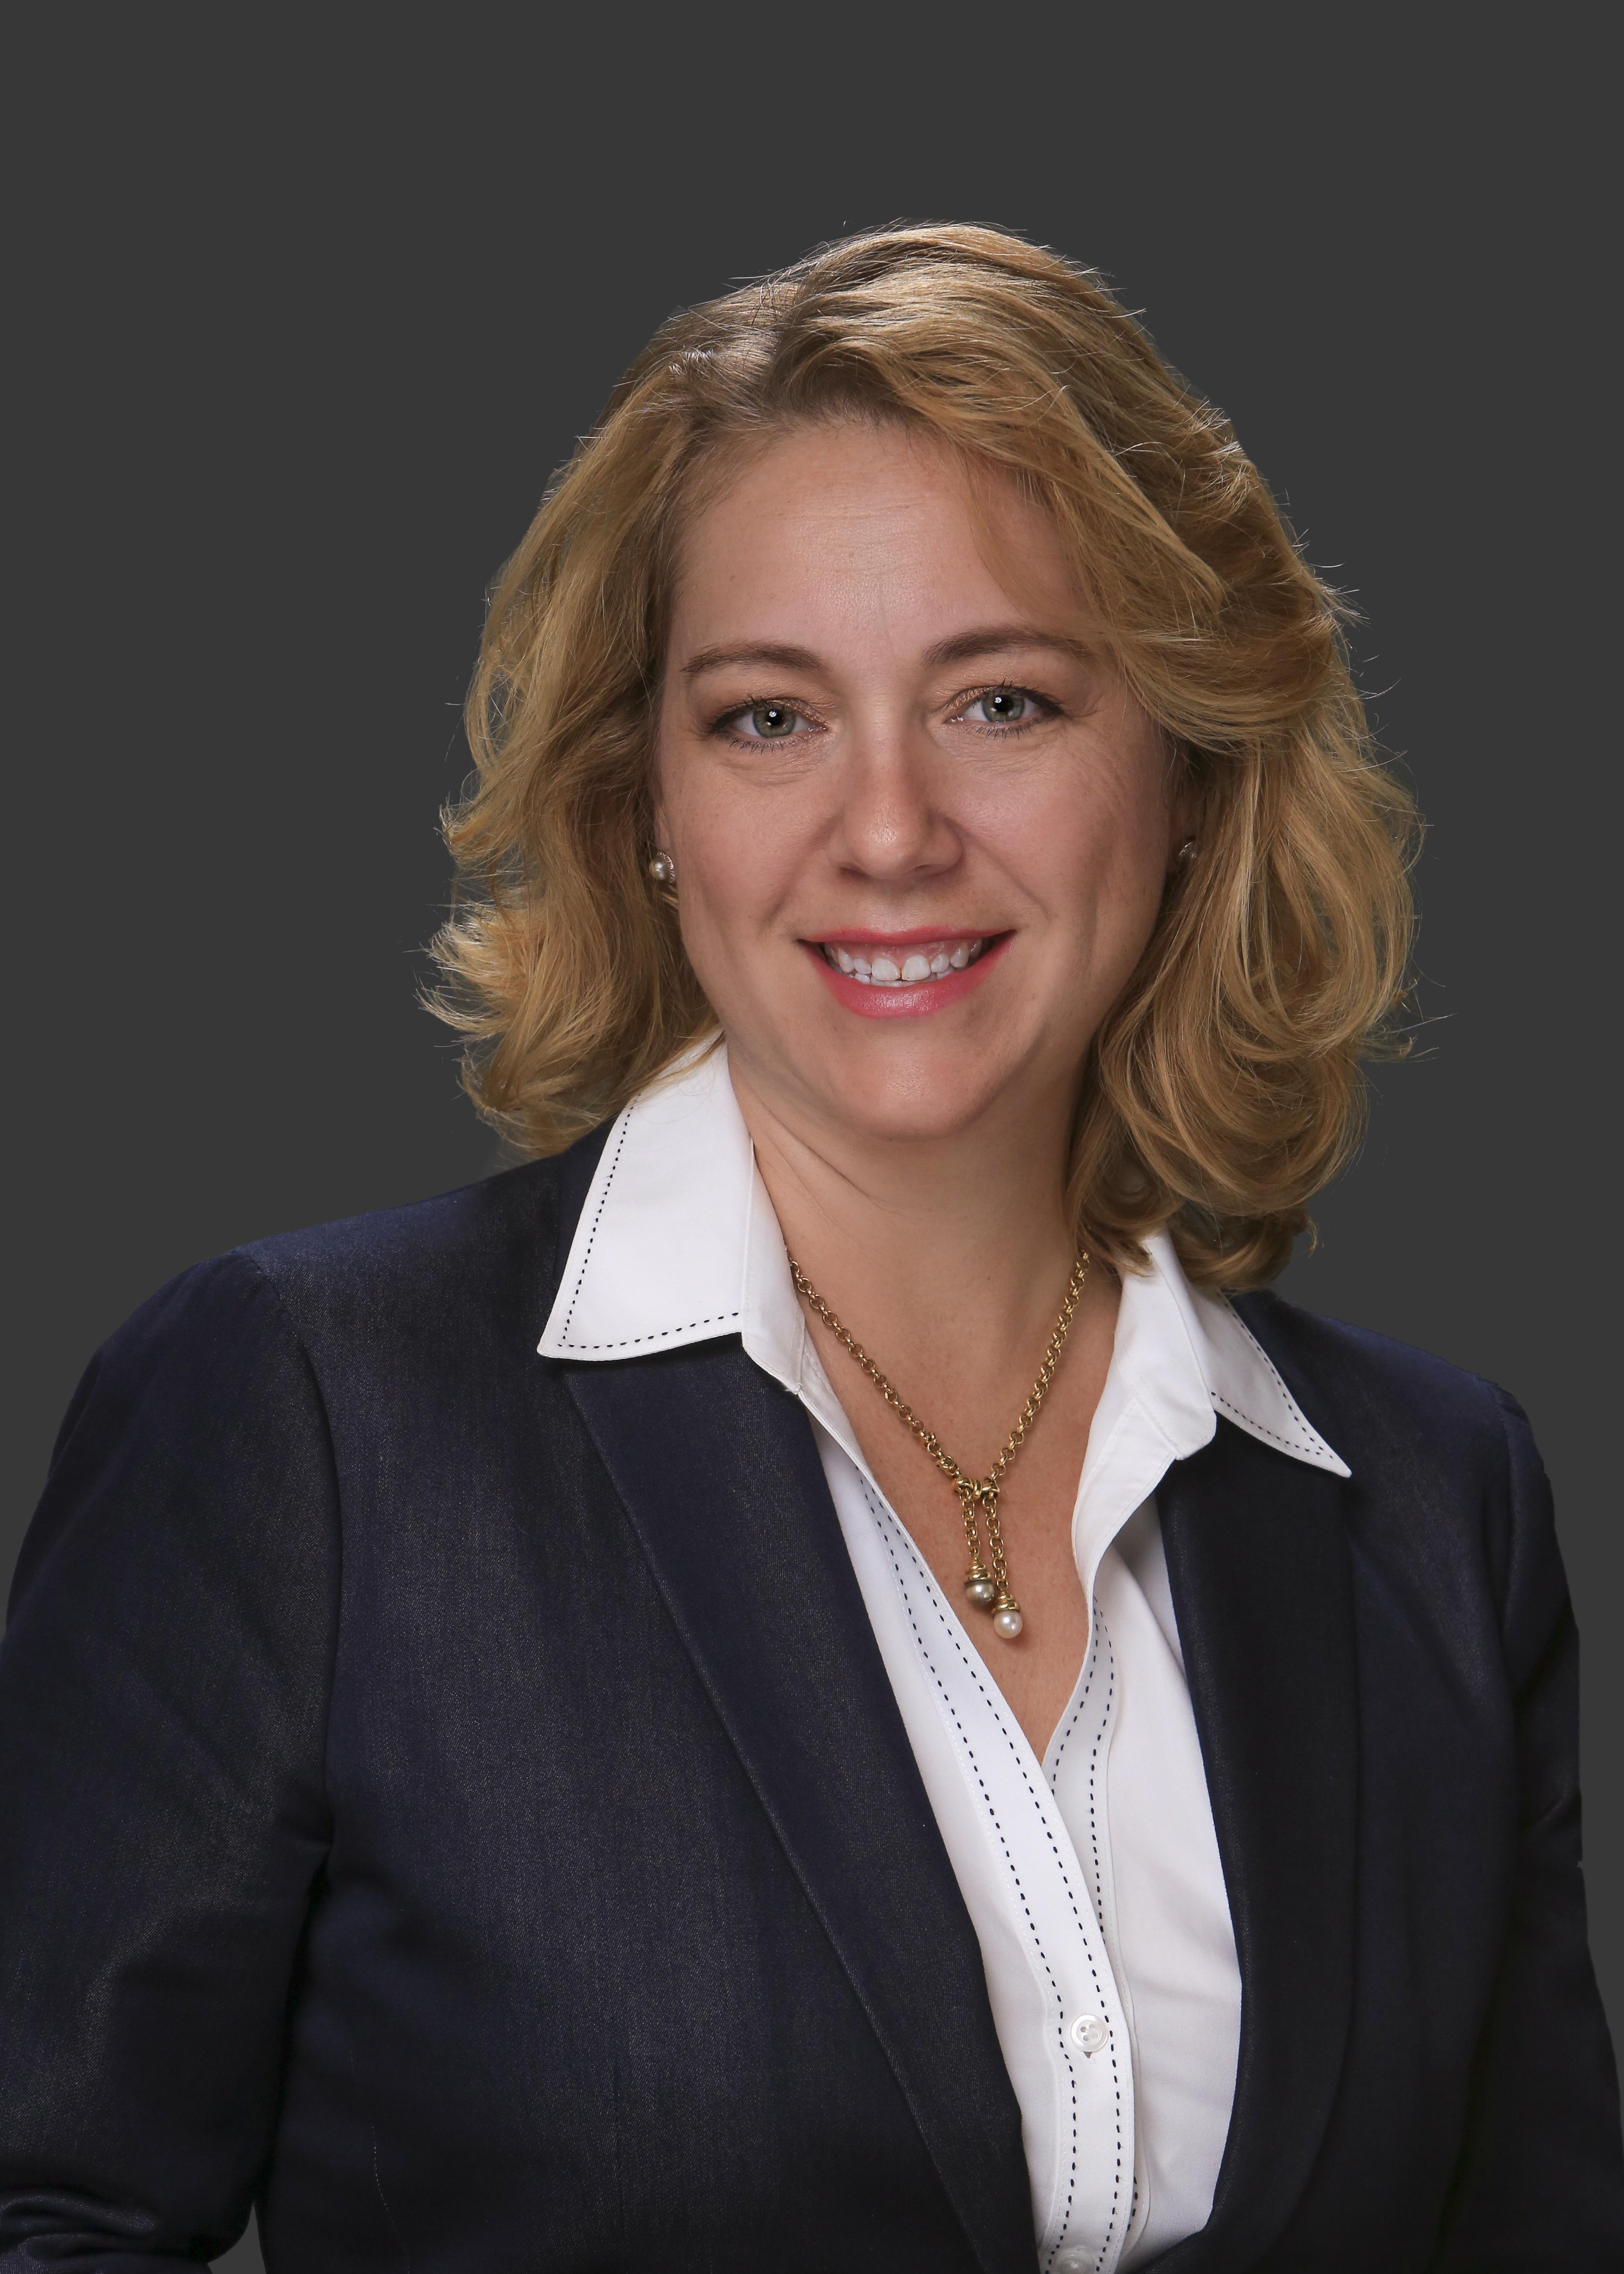 Ann Inesedy